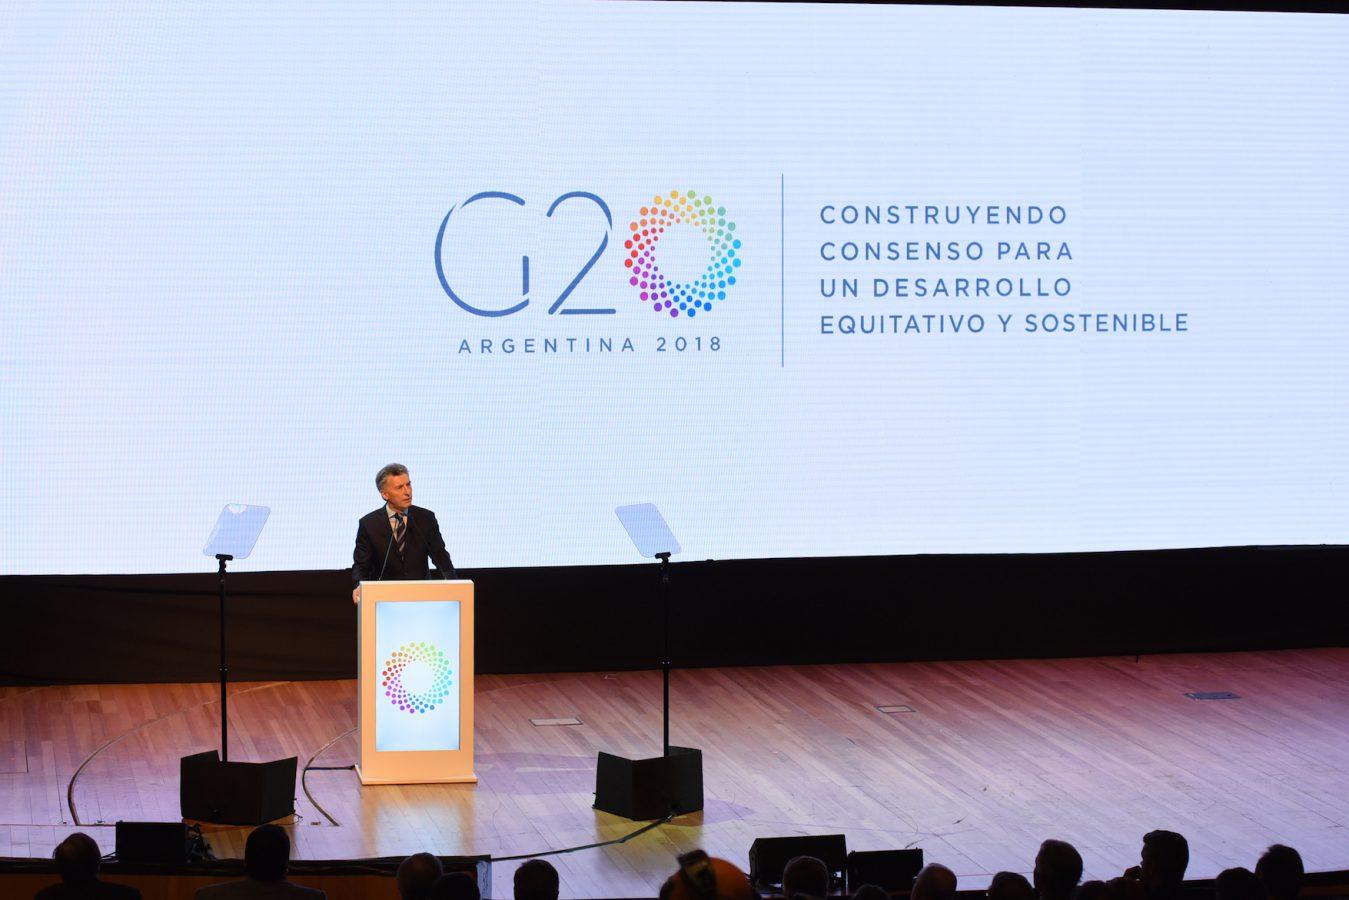 Bitcoin al G20 le criptovalute sono più simili a un bene che al denaro - Bitcoin al G20: le criptovalute sono più simili a un bene che al denaro